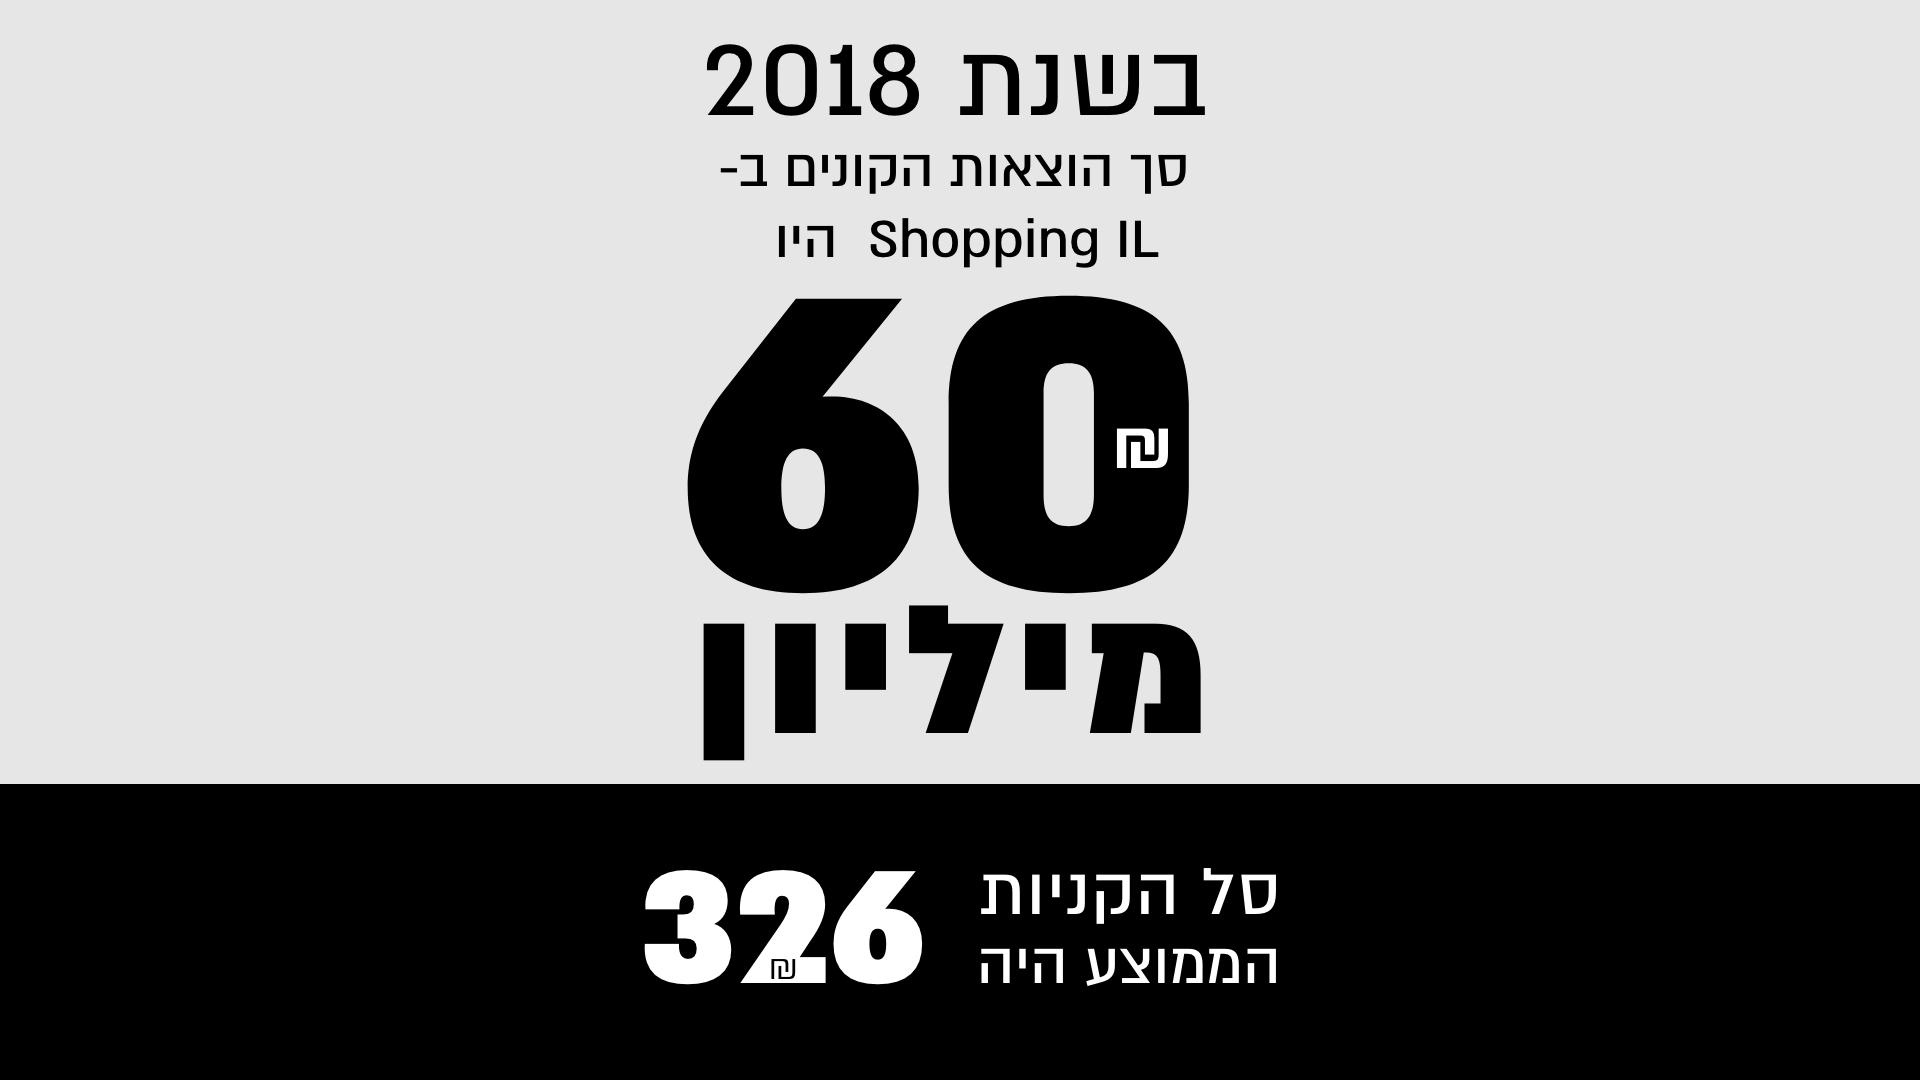 סך הוצאות הקונים ב-Shopping IL